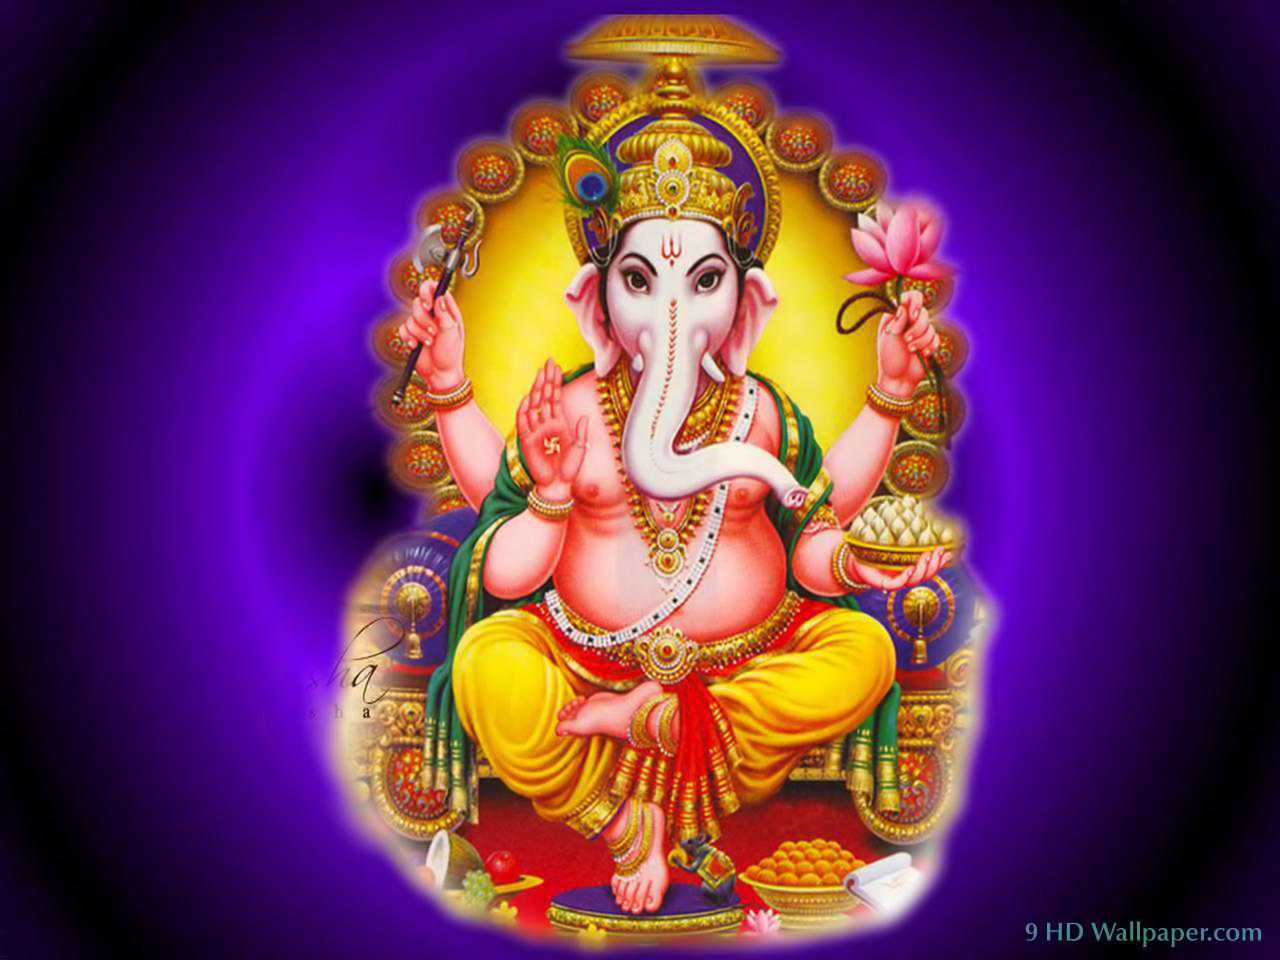 Hd wallpaper vinayagar - Ganesha Wallpapers Creative Ganesha Wallpapers Hd Ganesha Wallpapers